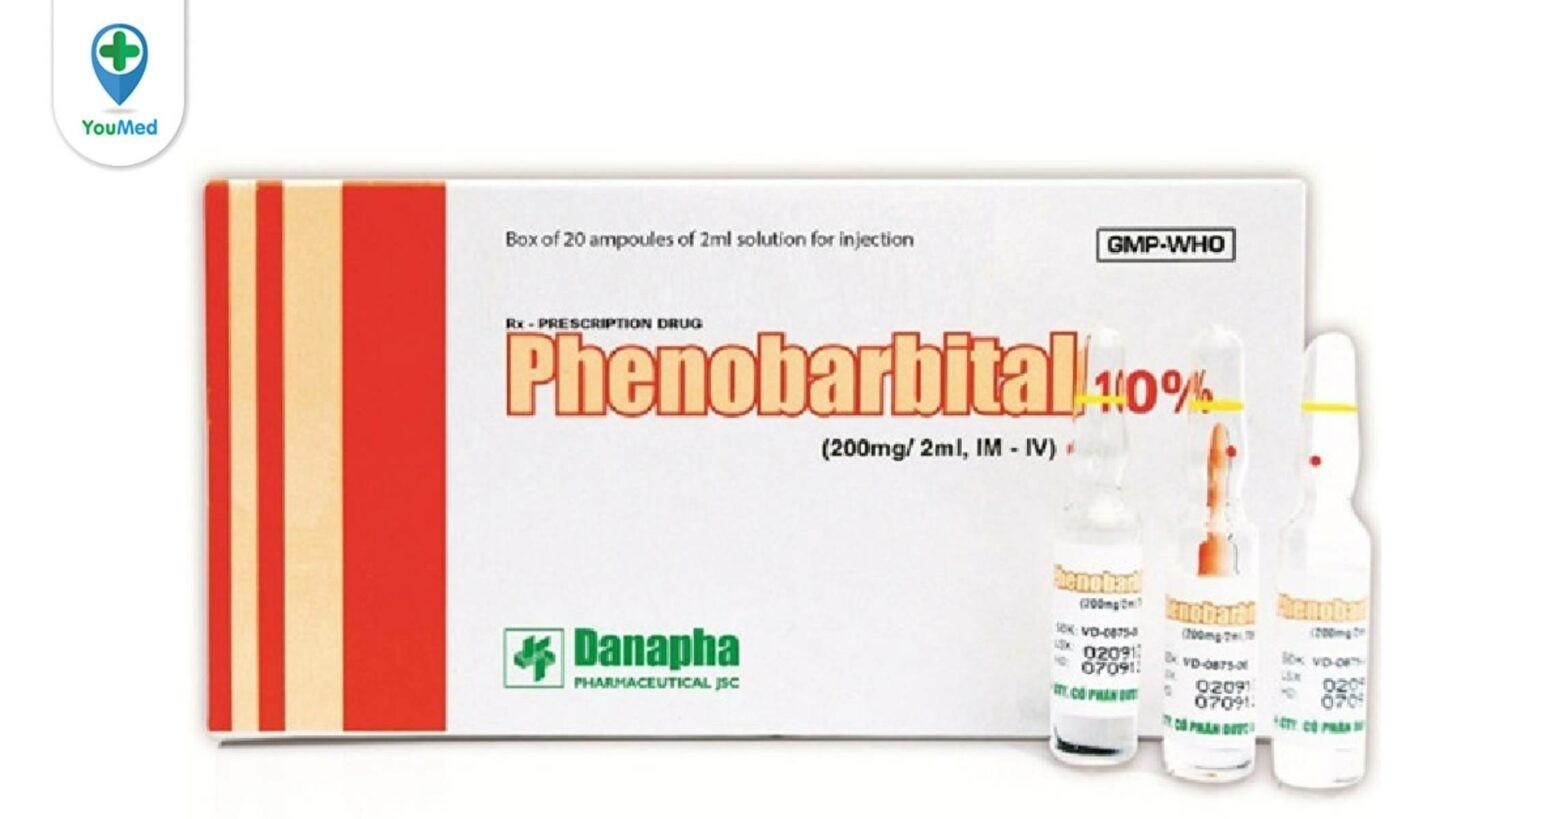 Thuốc Phenobarbital là gì? giá, công dụng và cách sử dụng